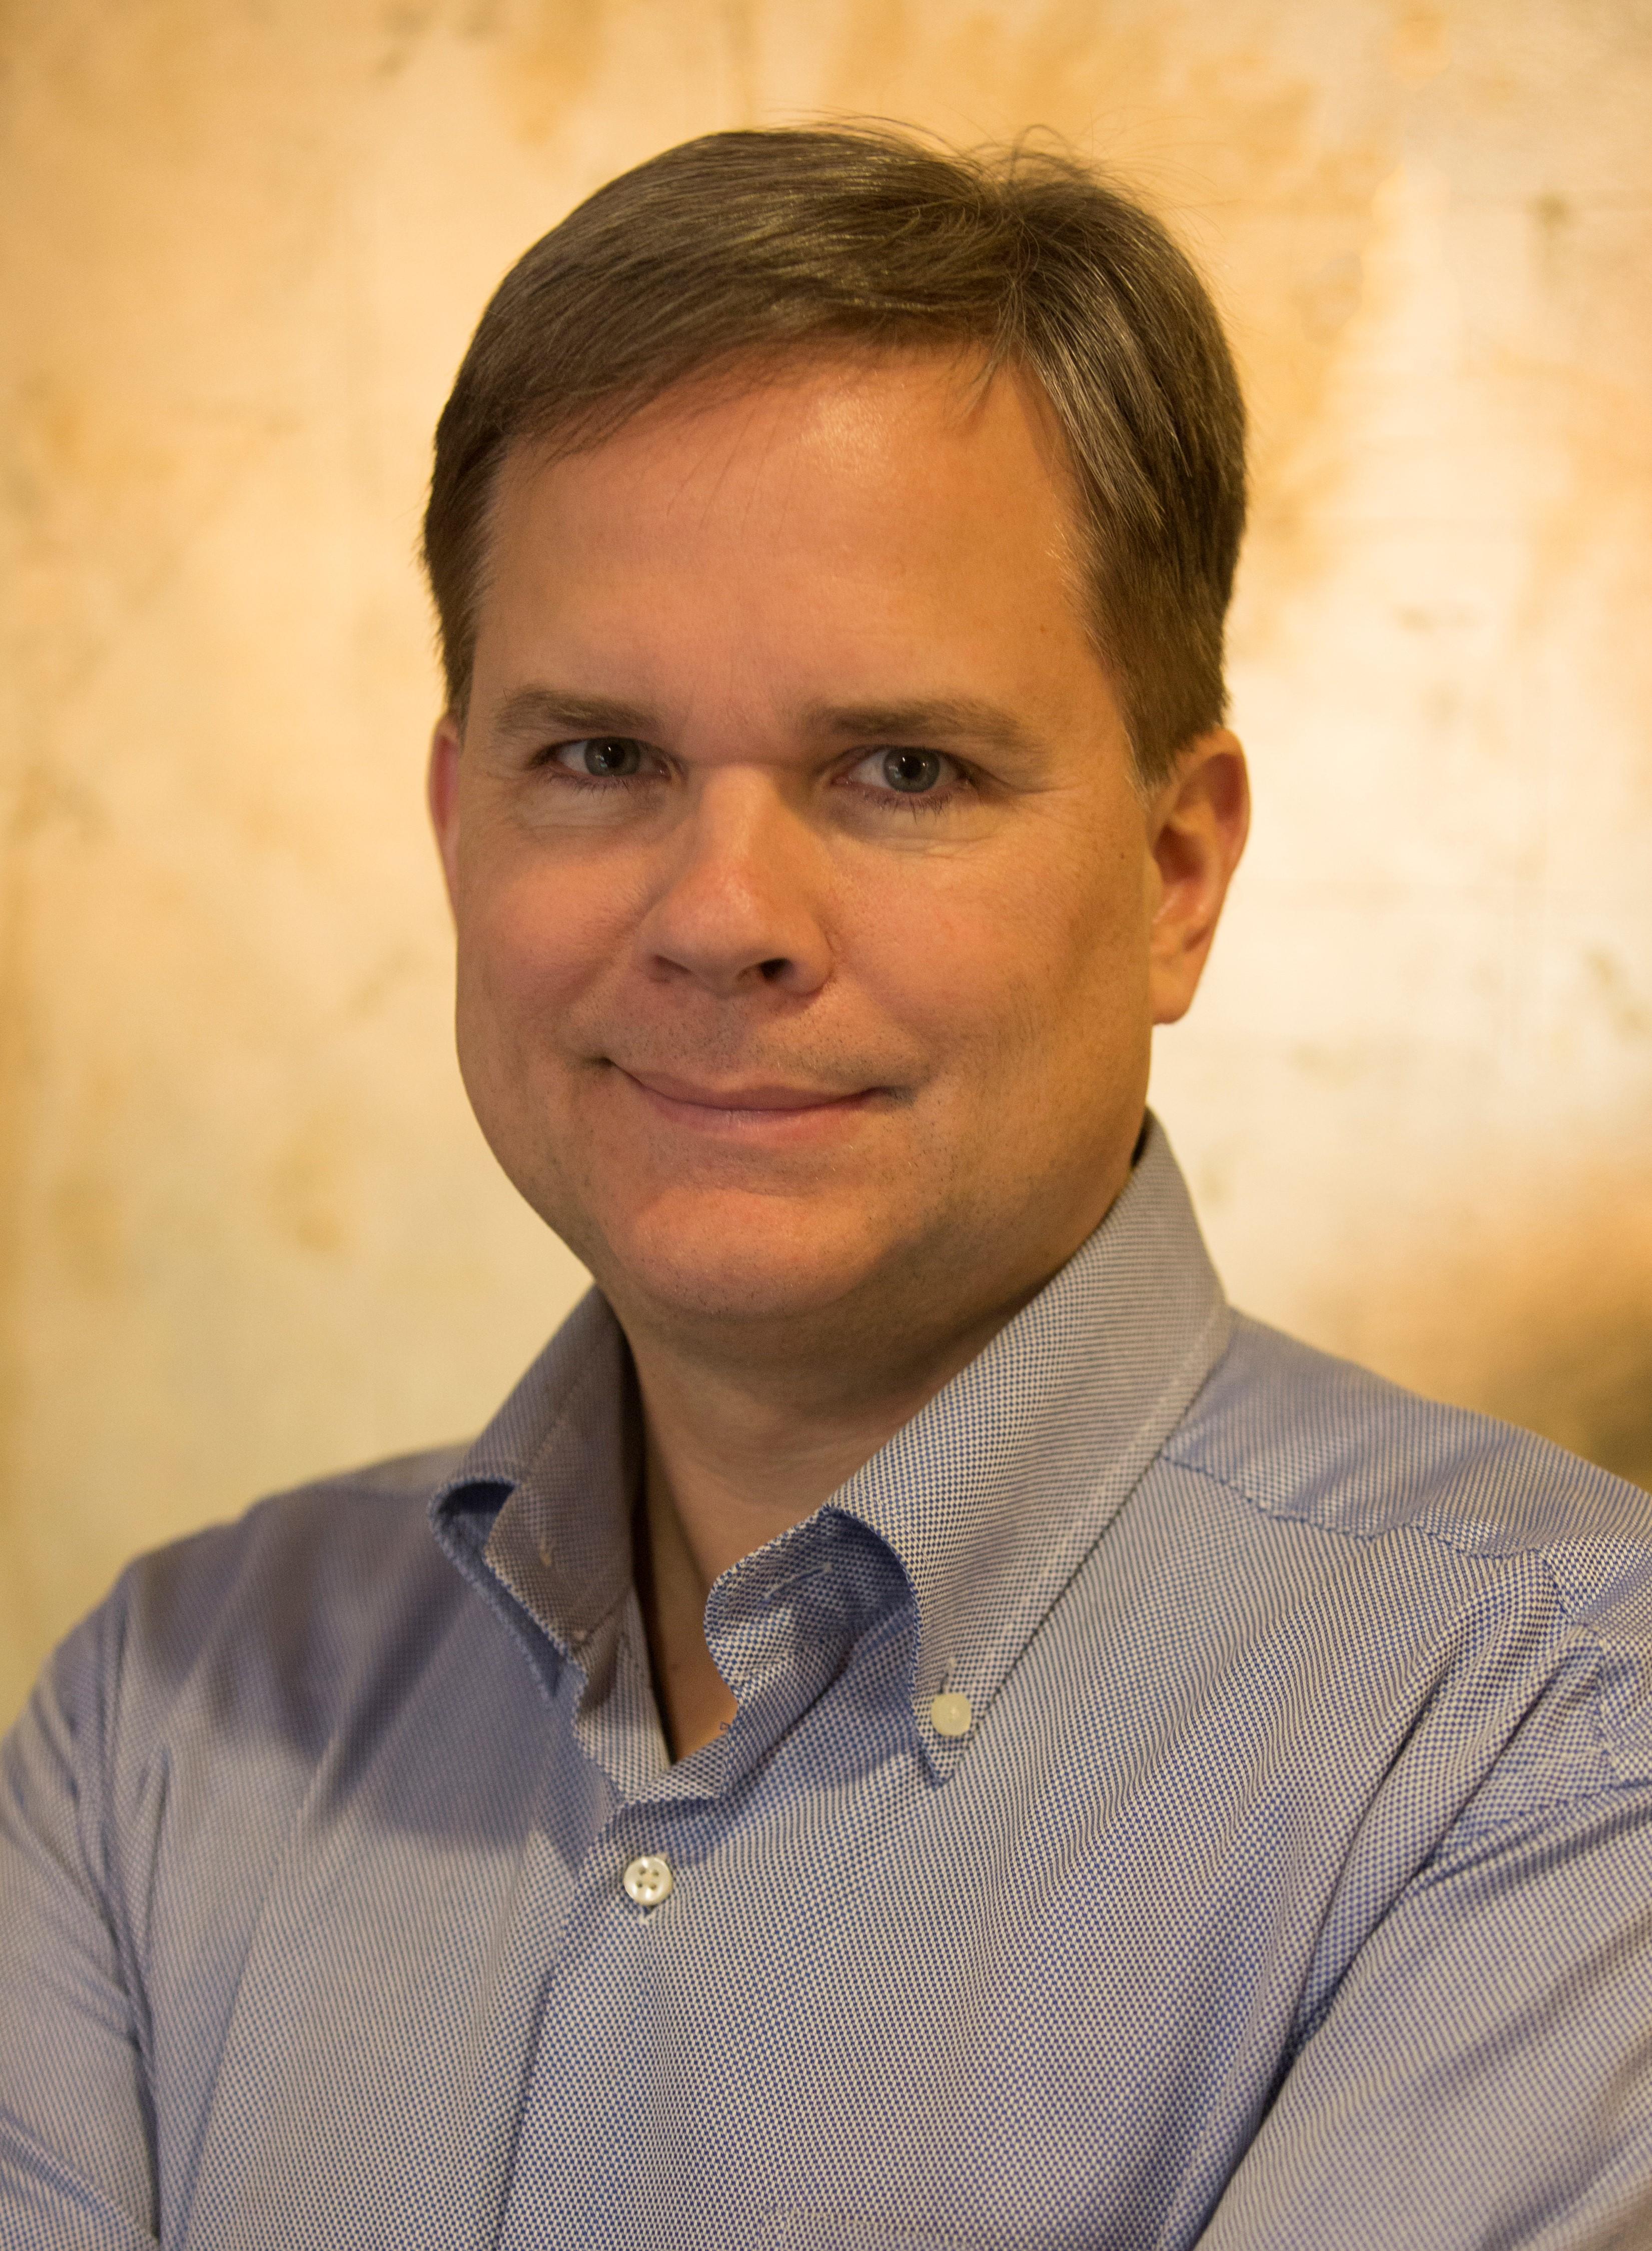 Greg Schmergel